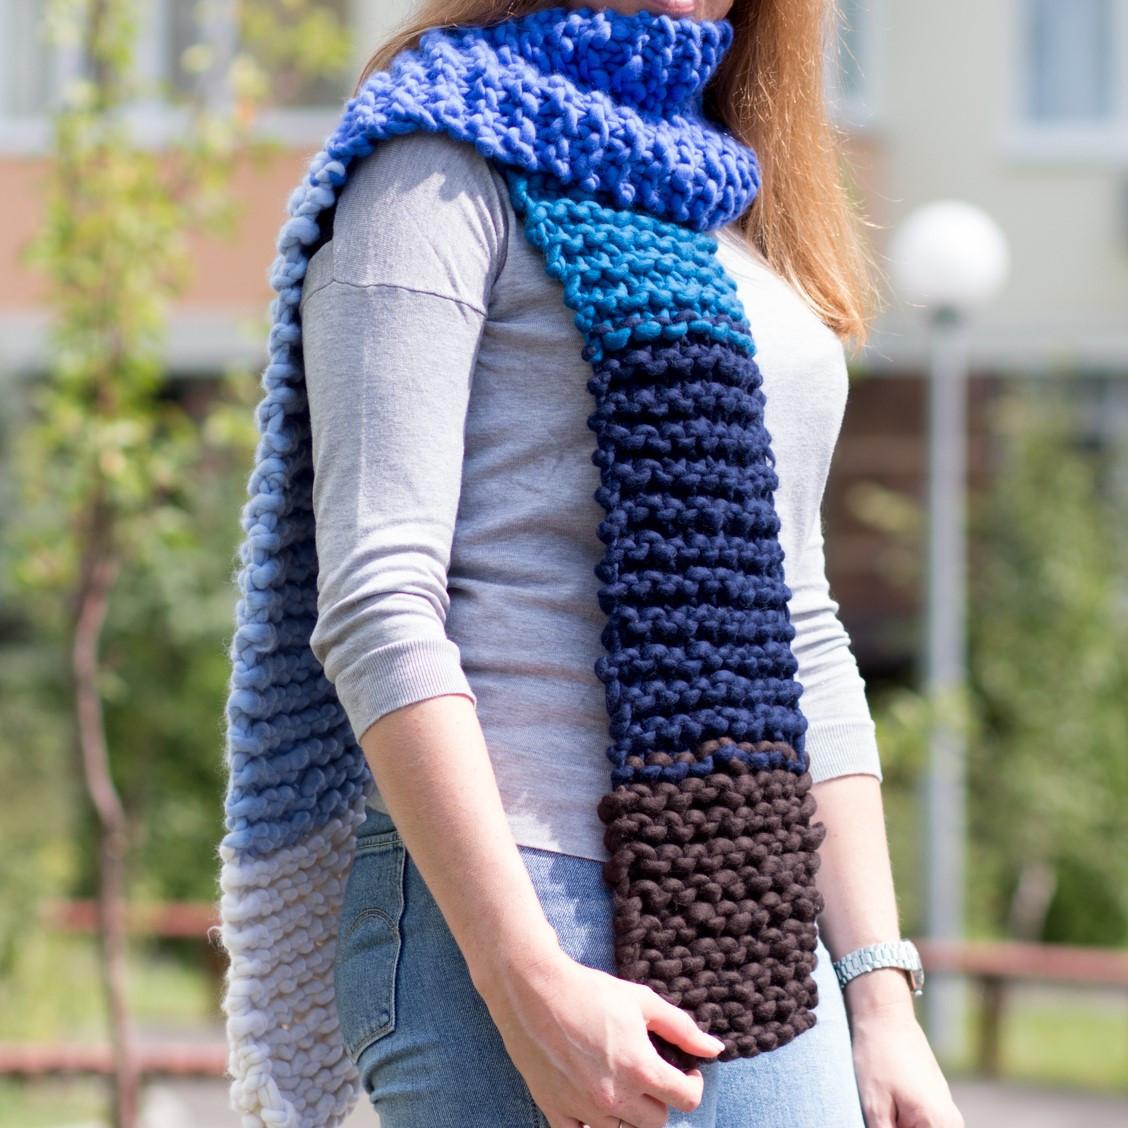 разноцветный вязаный шарф крупной вязки 100 мериносовая шерсть